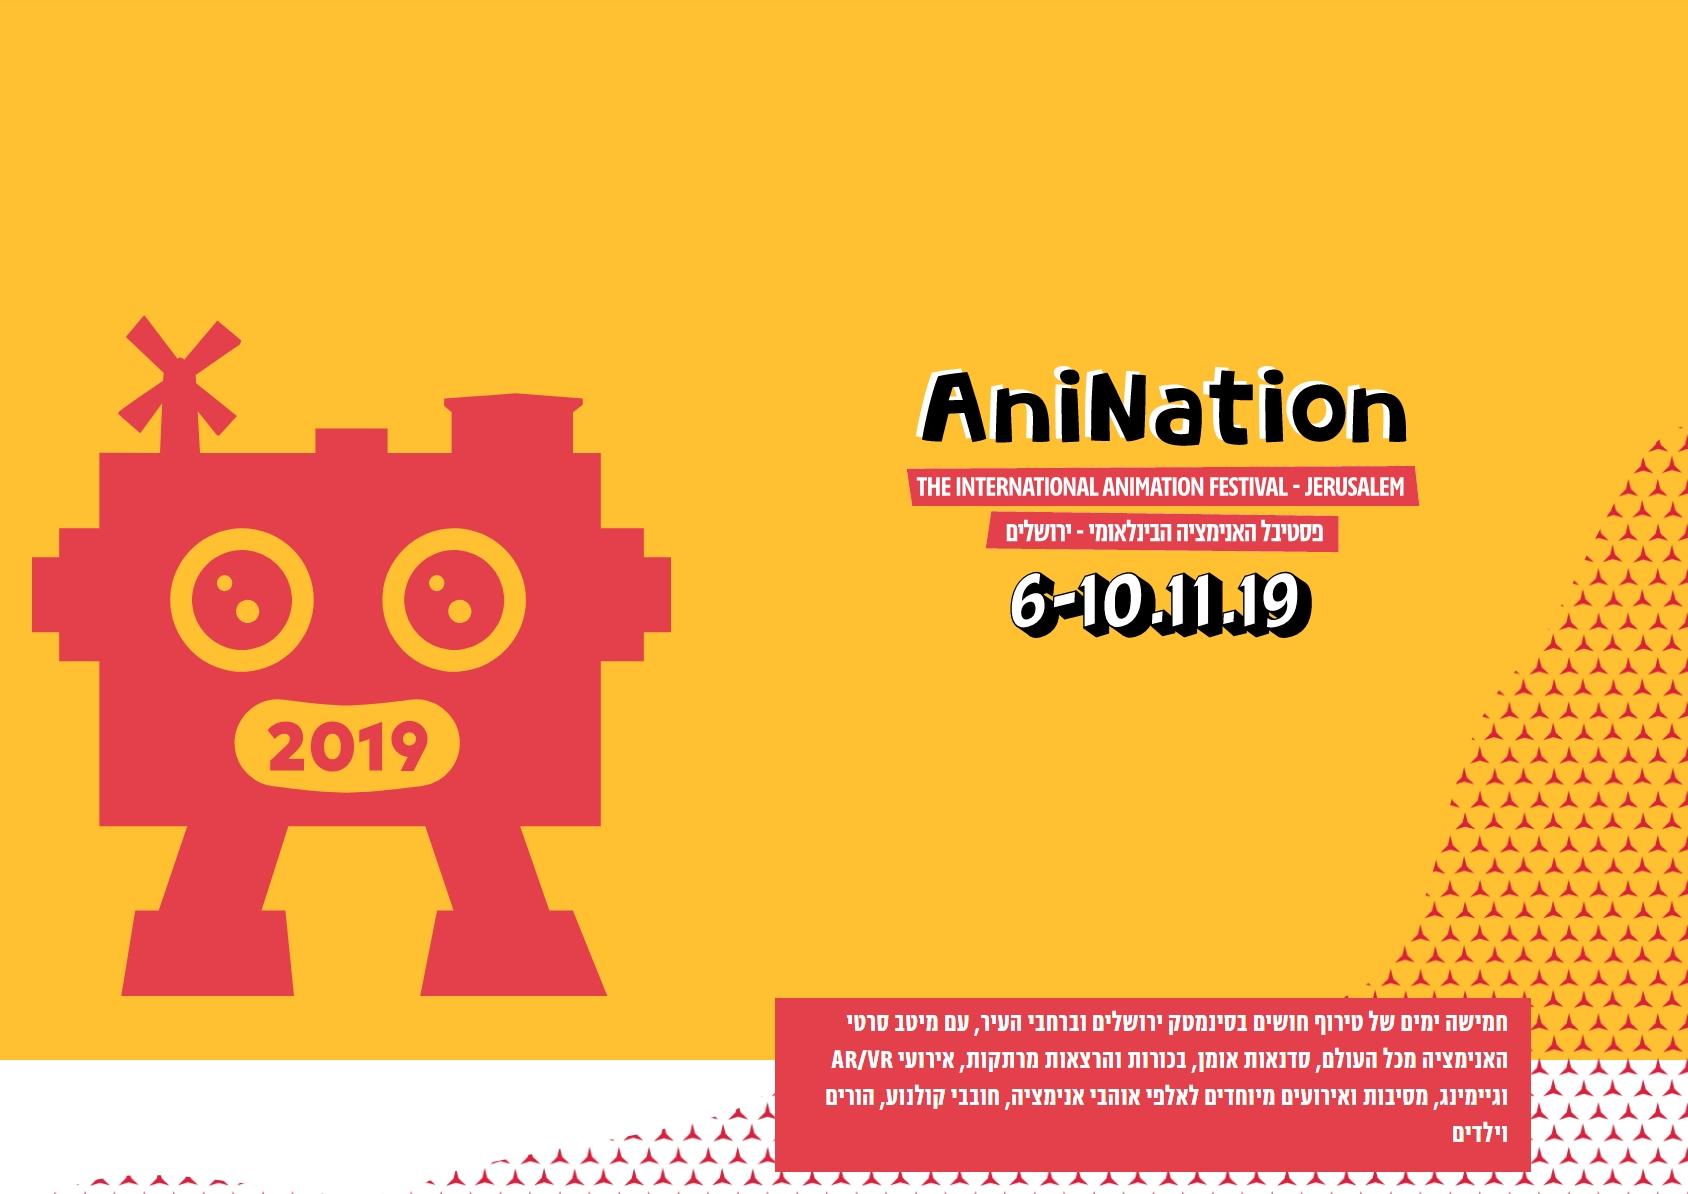 ANINATION_HEADER_2019